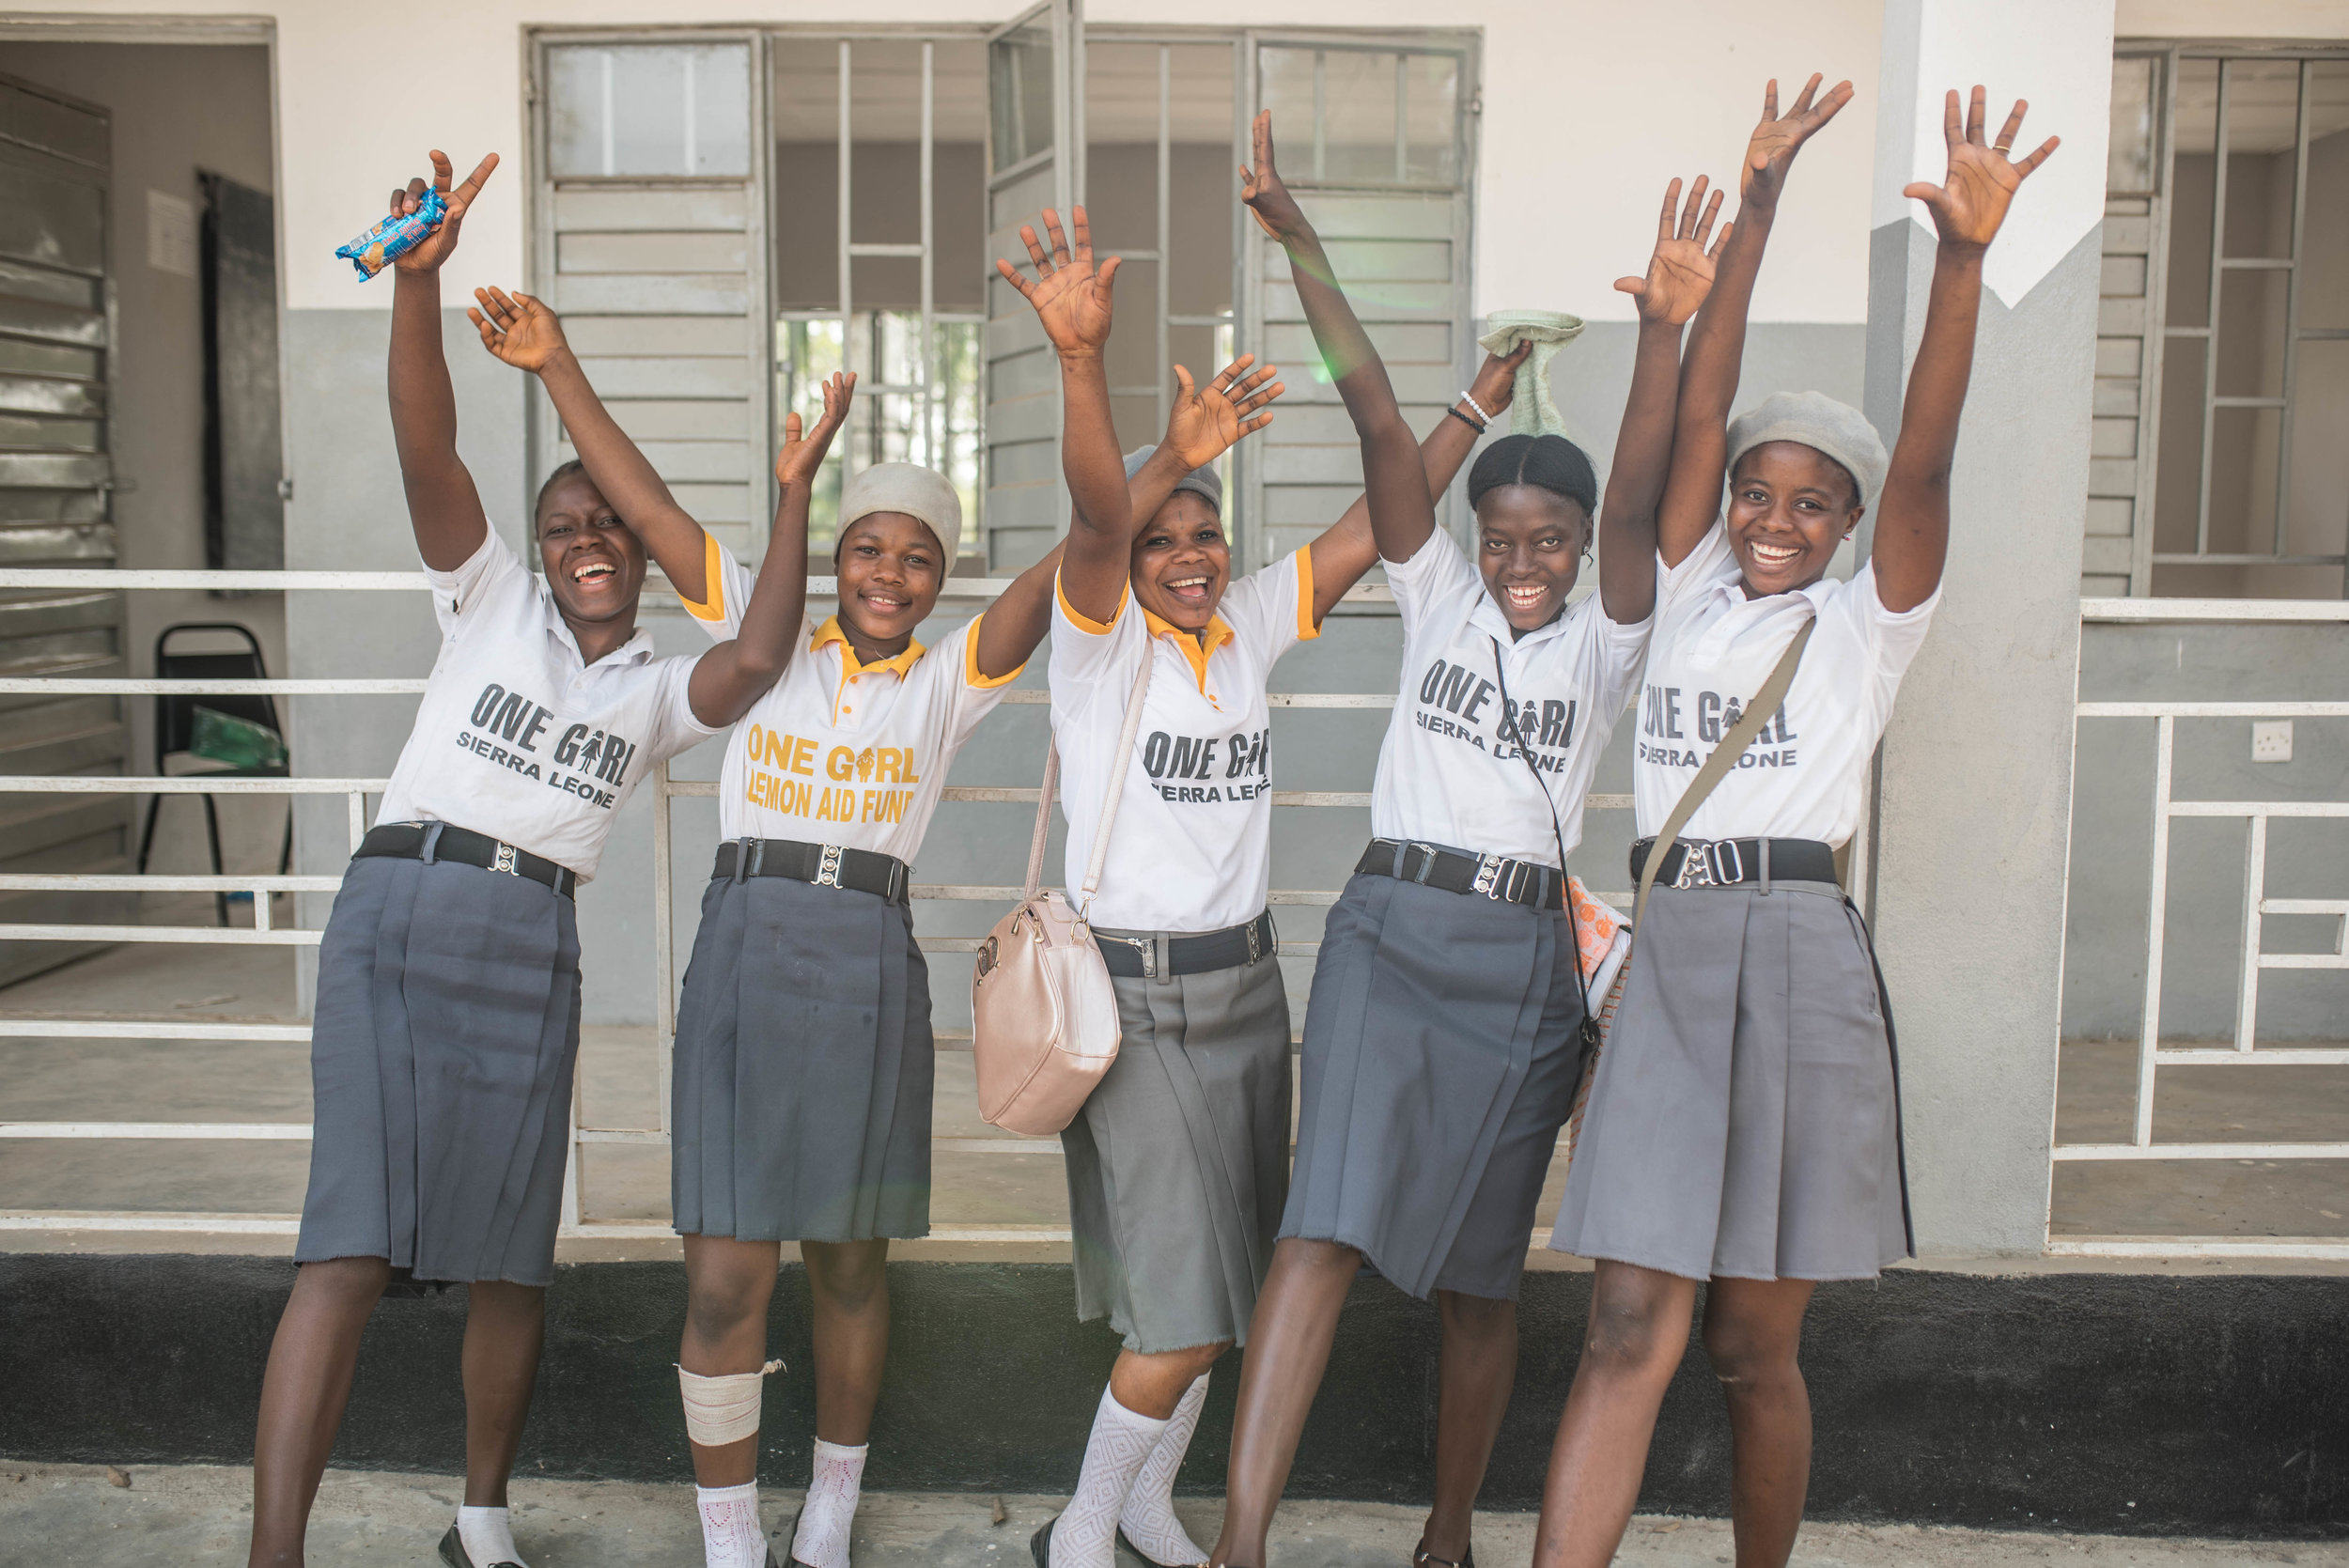 One Girl scholars (1).jpg